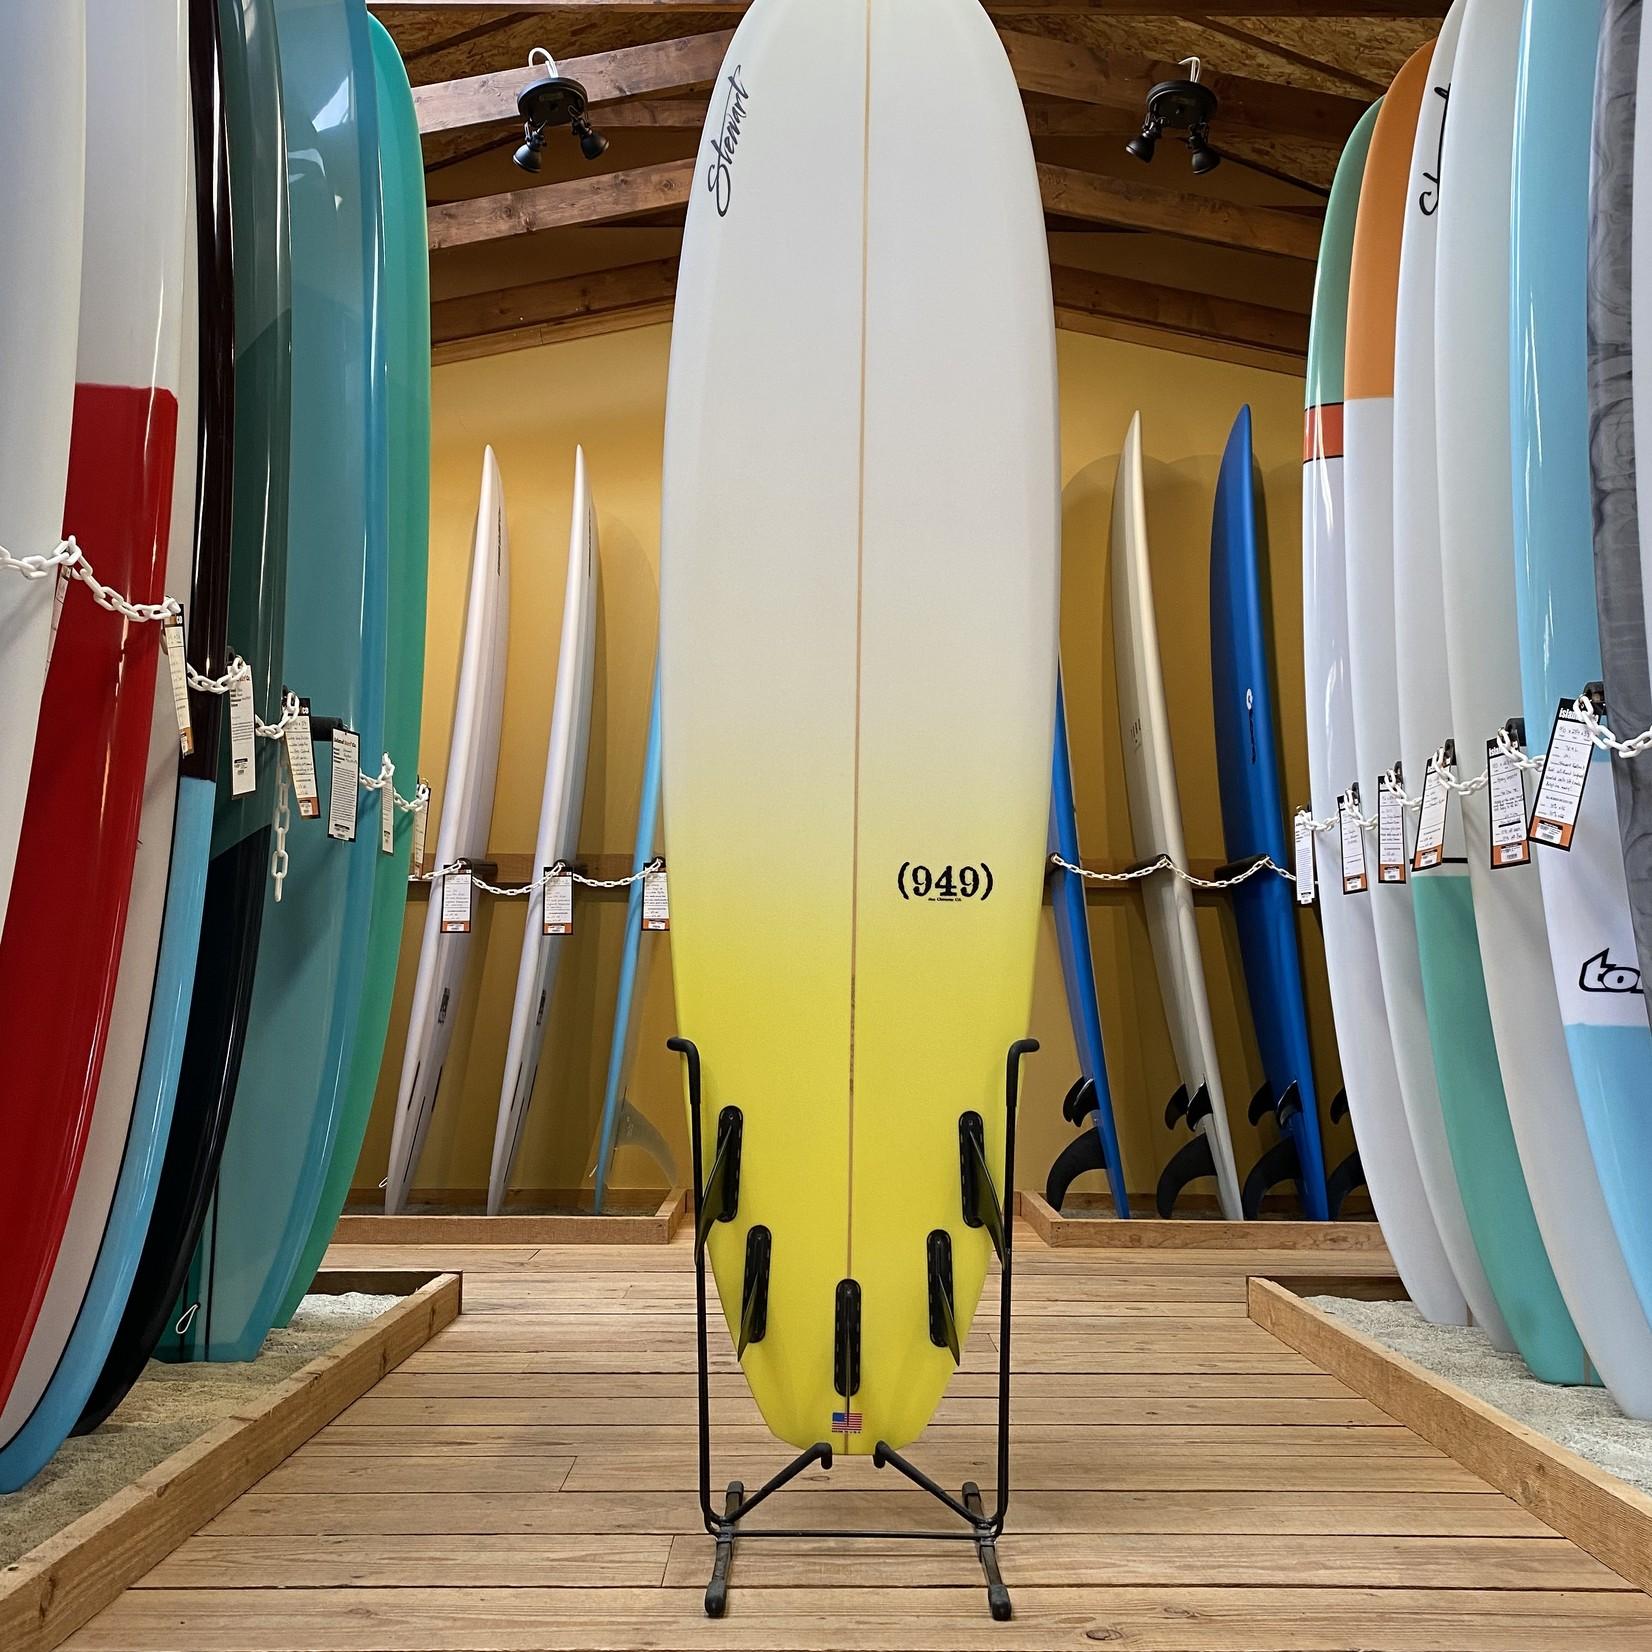 Stewart Surfboards 7'2 Stewart (949)? #118658